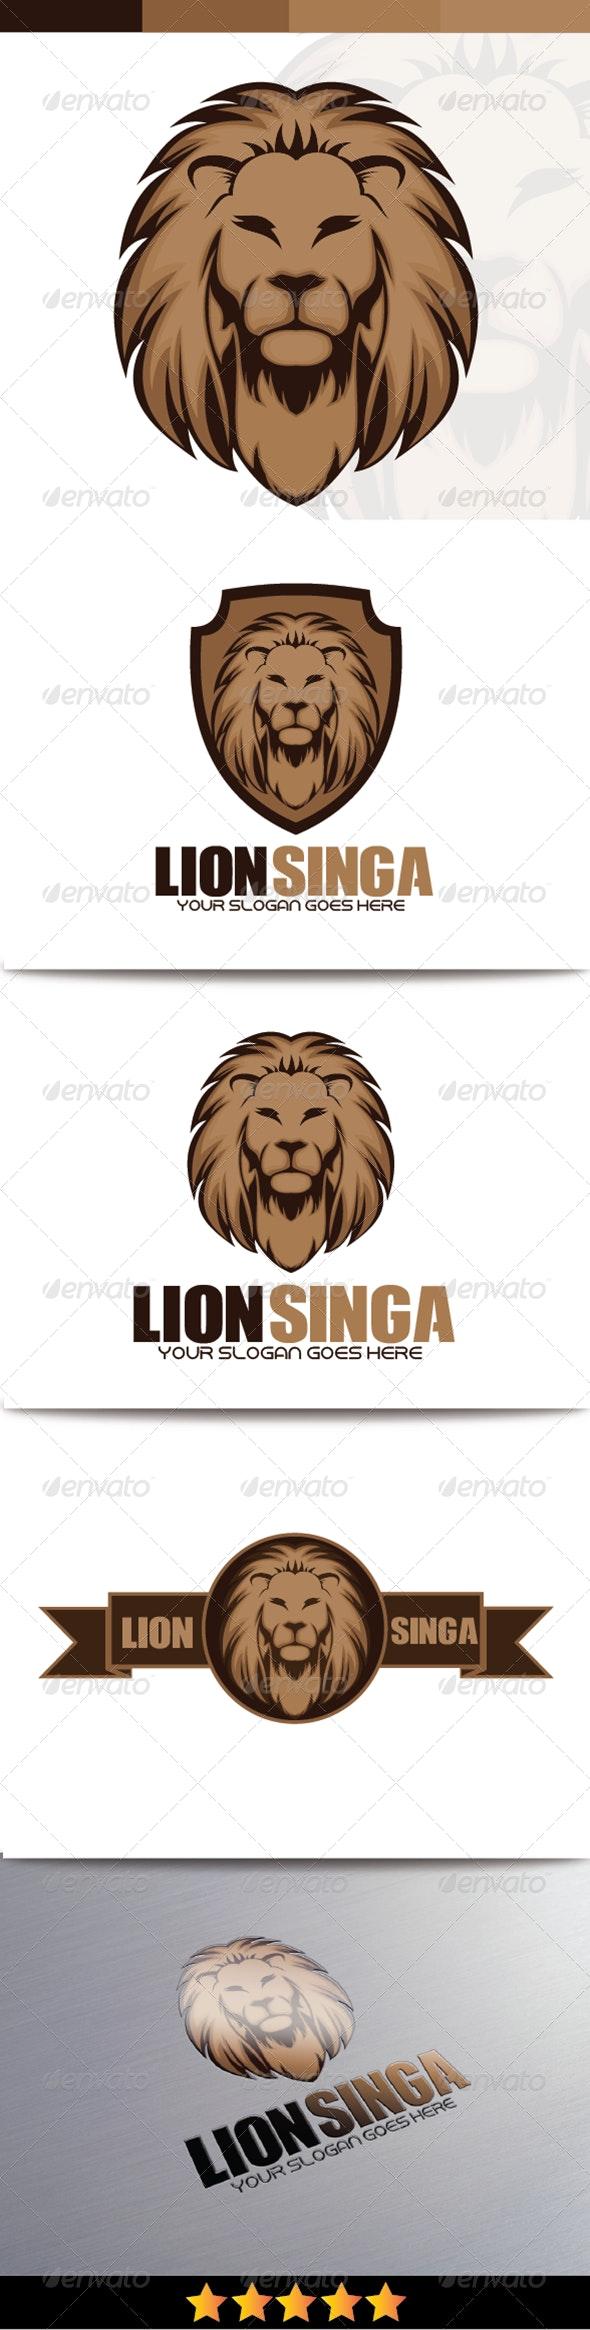 Lion Singo Logo - Animals Logo Templates